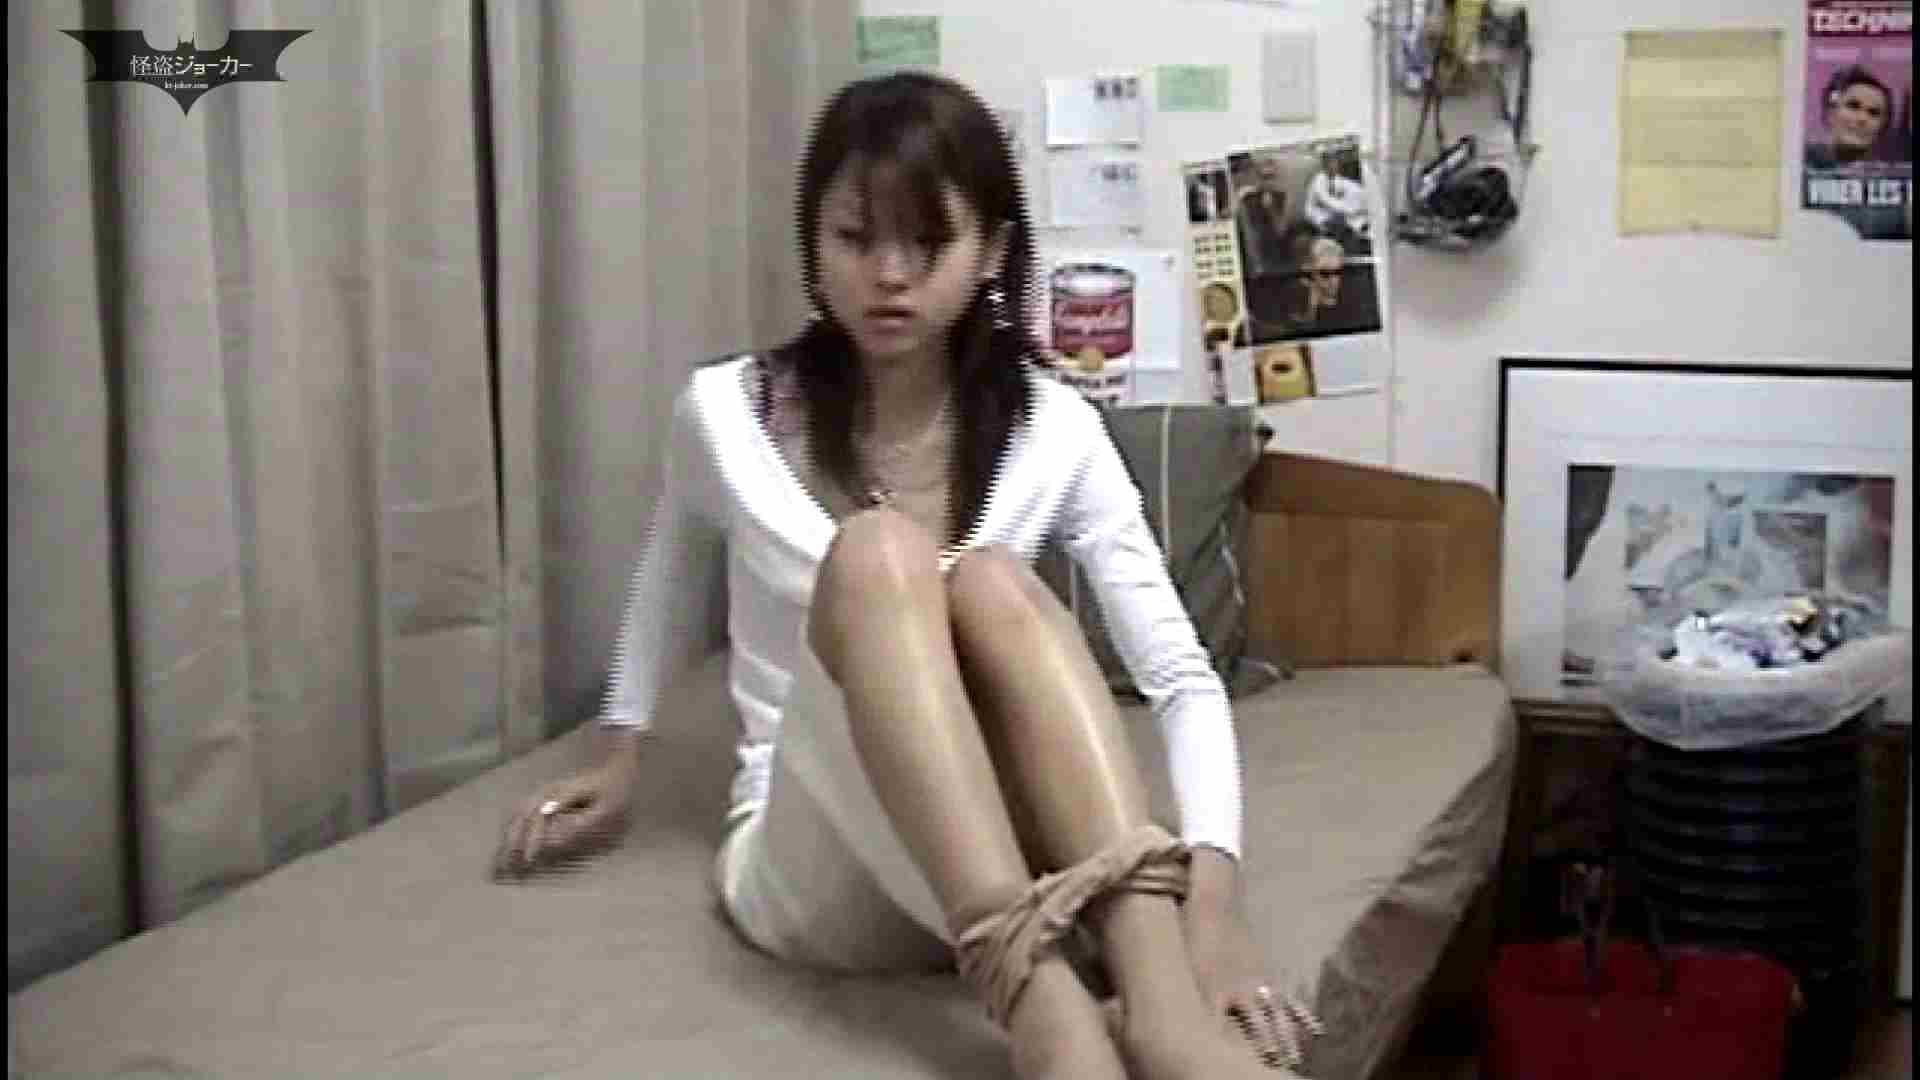 素人女良を部屋に連れ込み隠し撮りSEX!! その⑤ スレンダー美女 あきら 隠れた名作  62画像 11